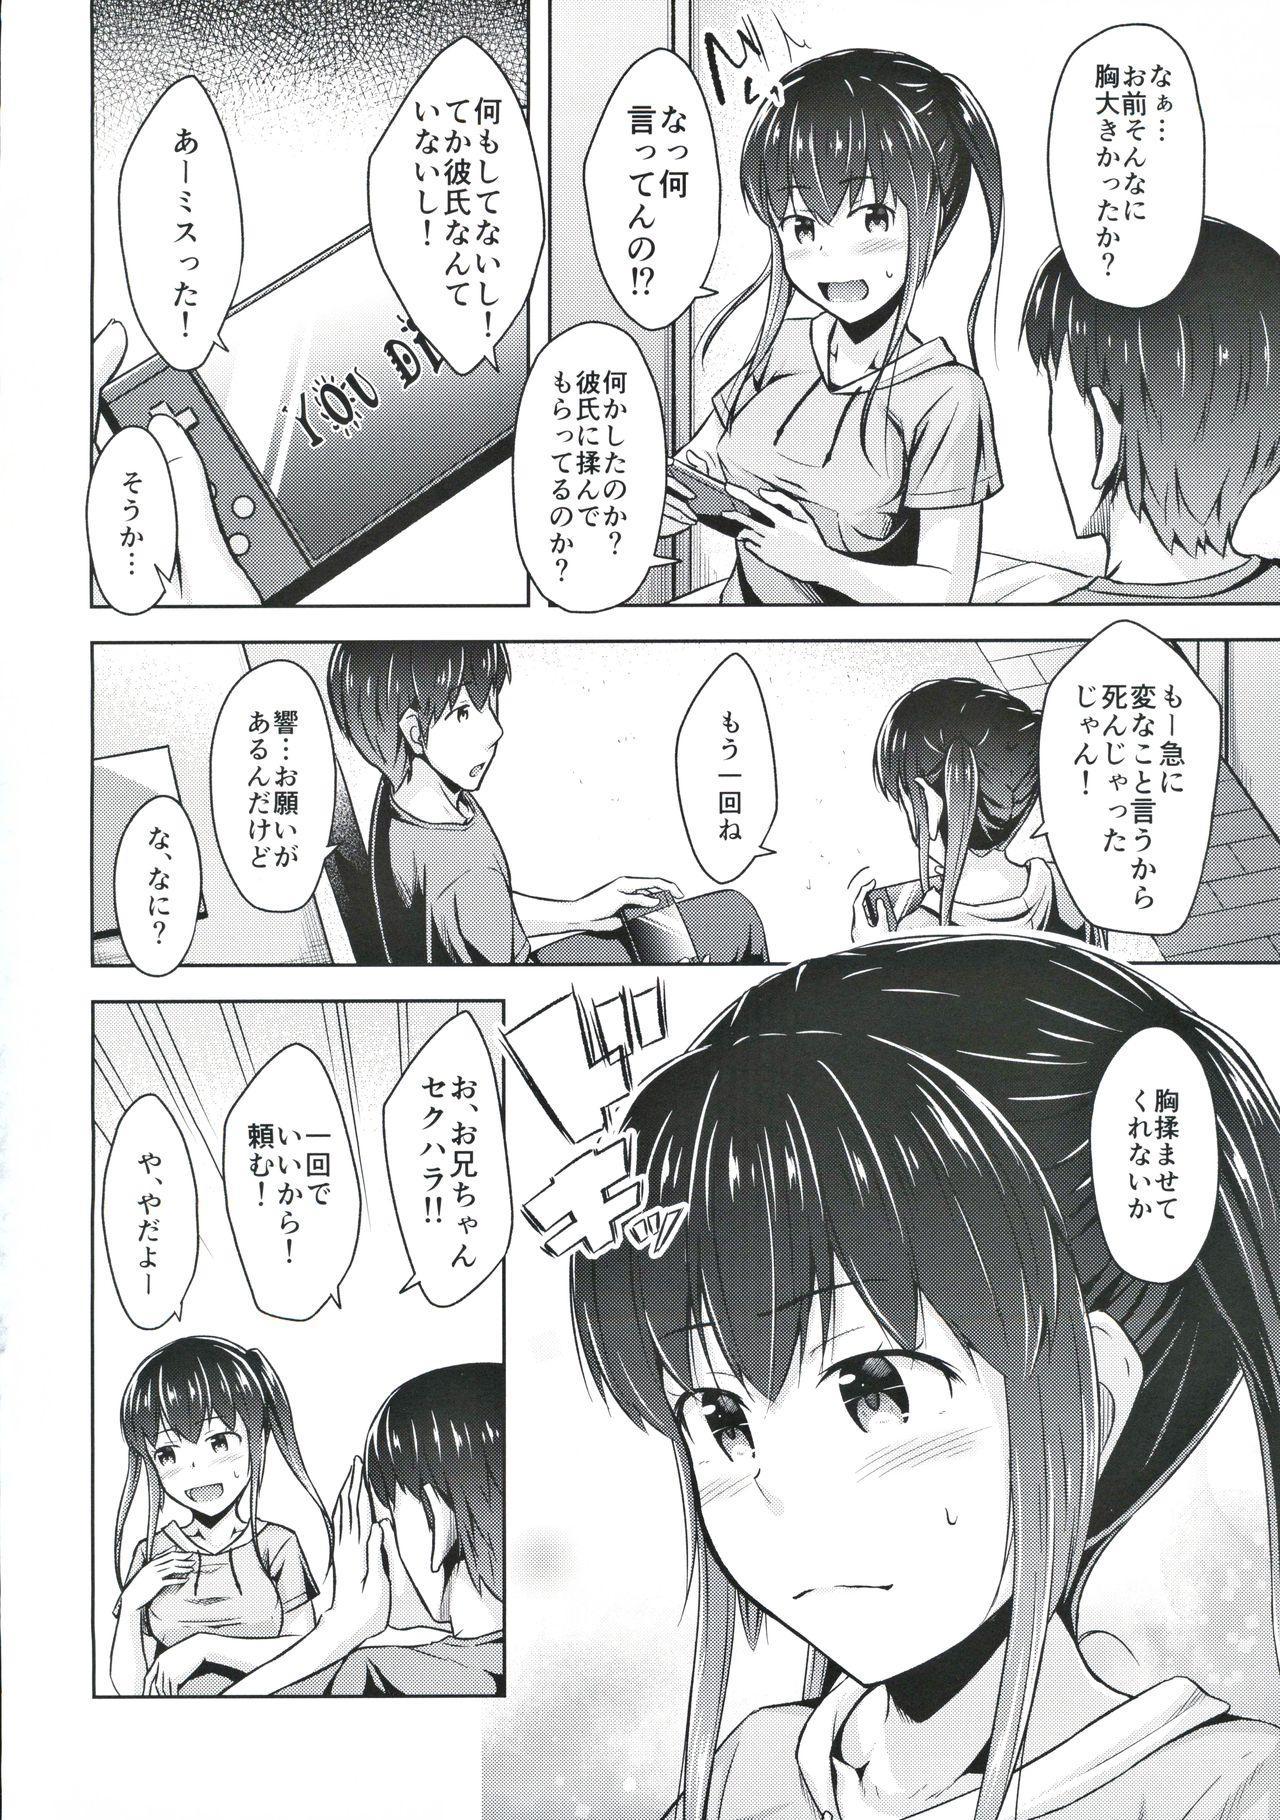 Saikin Imouto no Oppai ga Kininatte Shikataganai 2